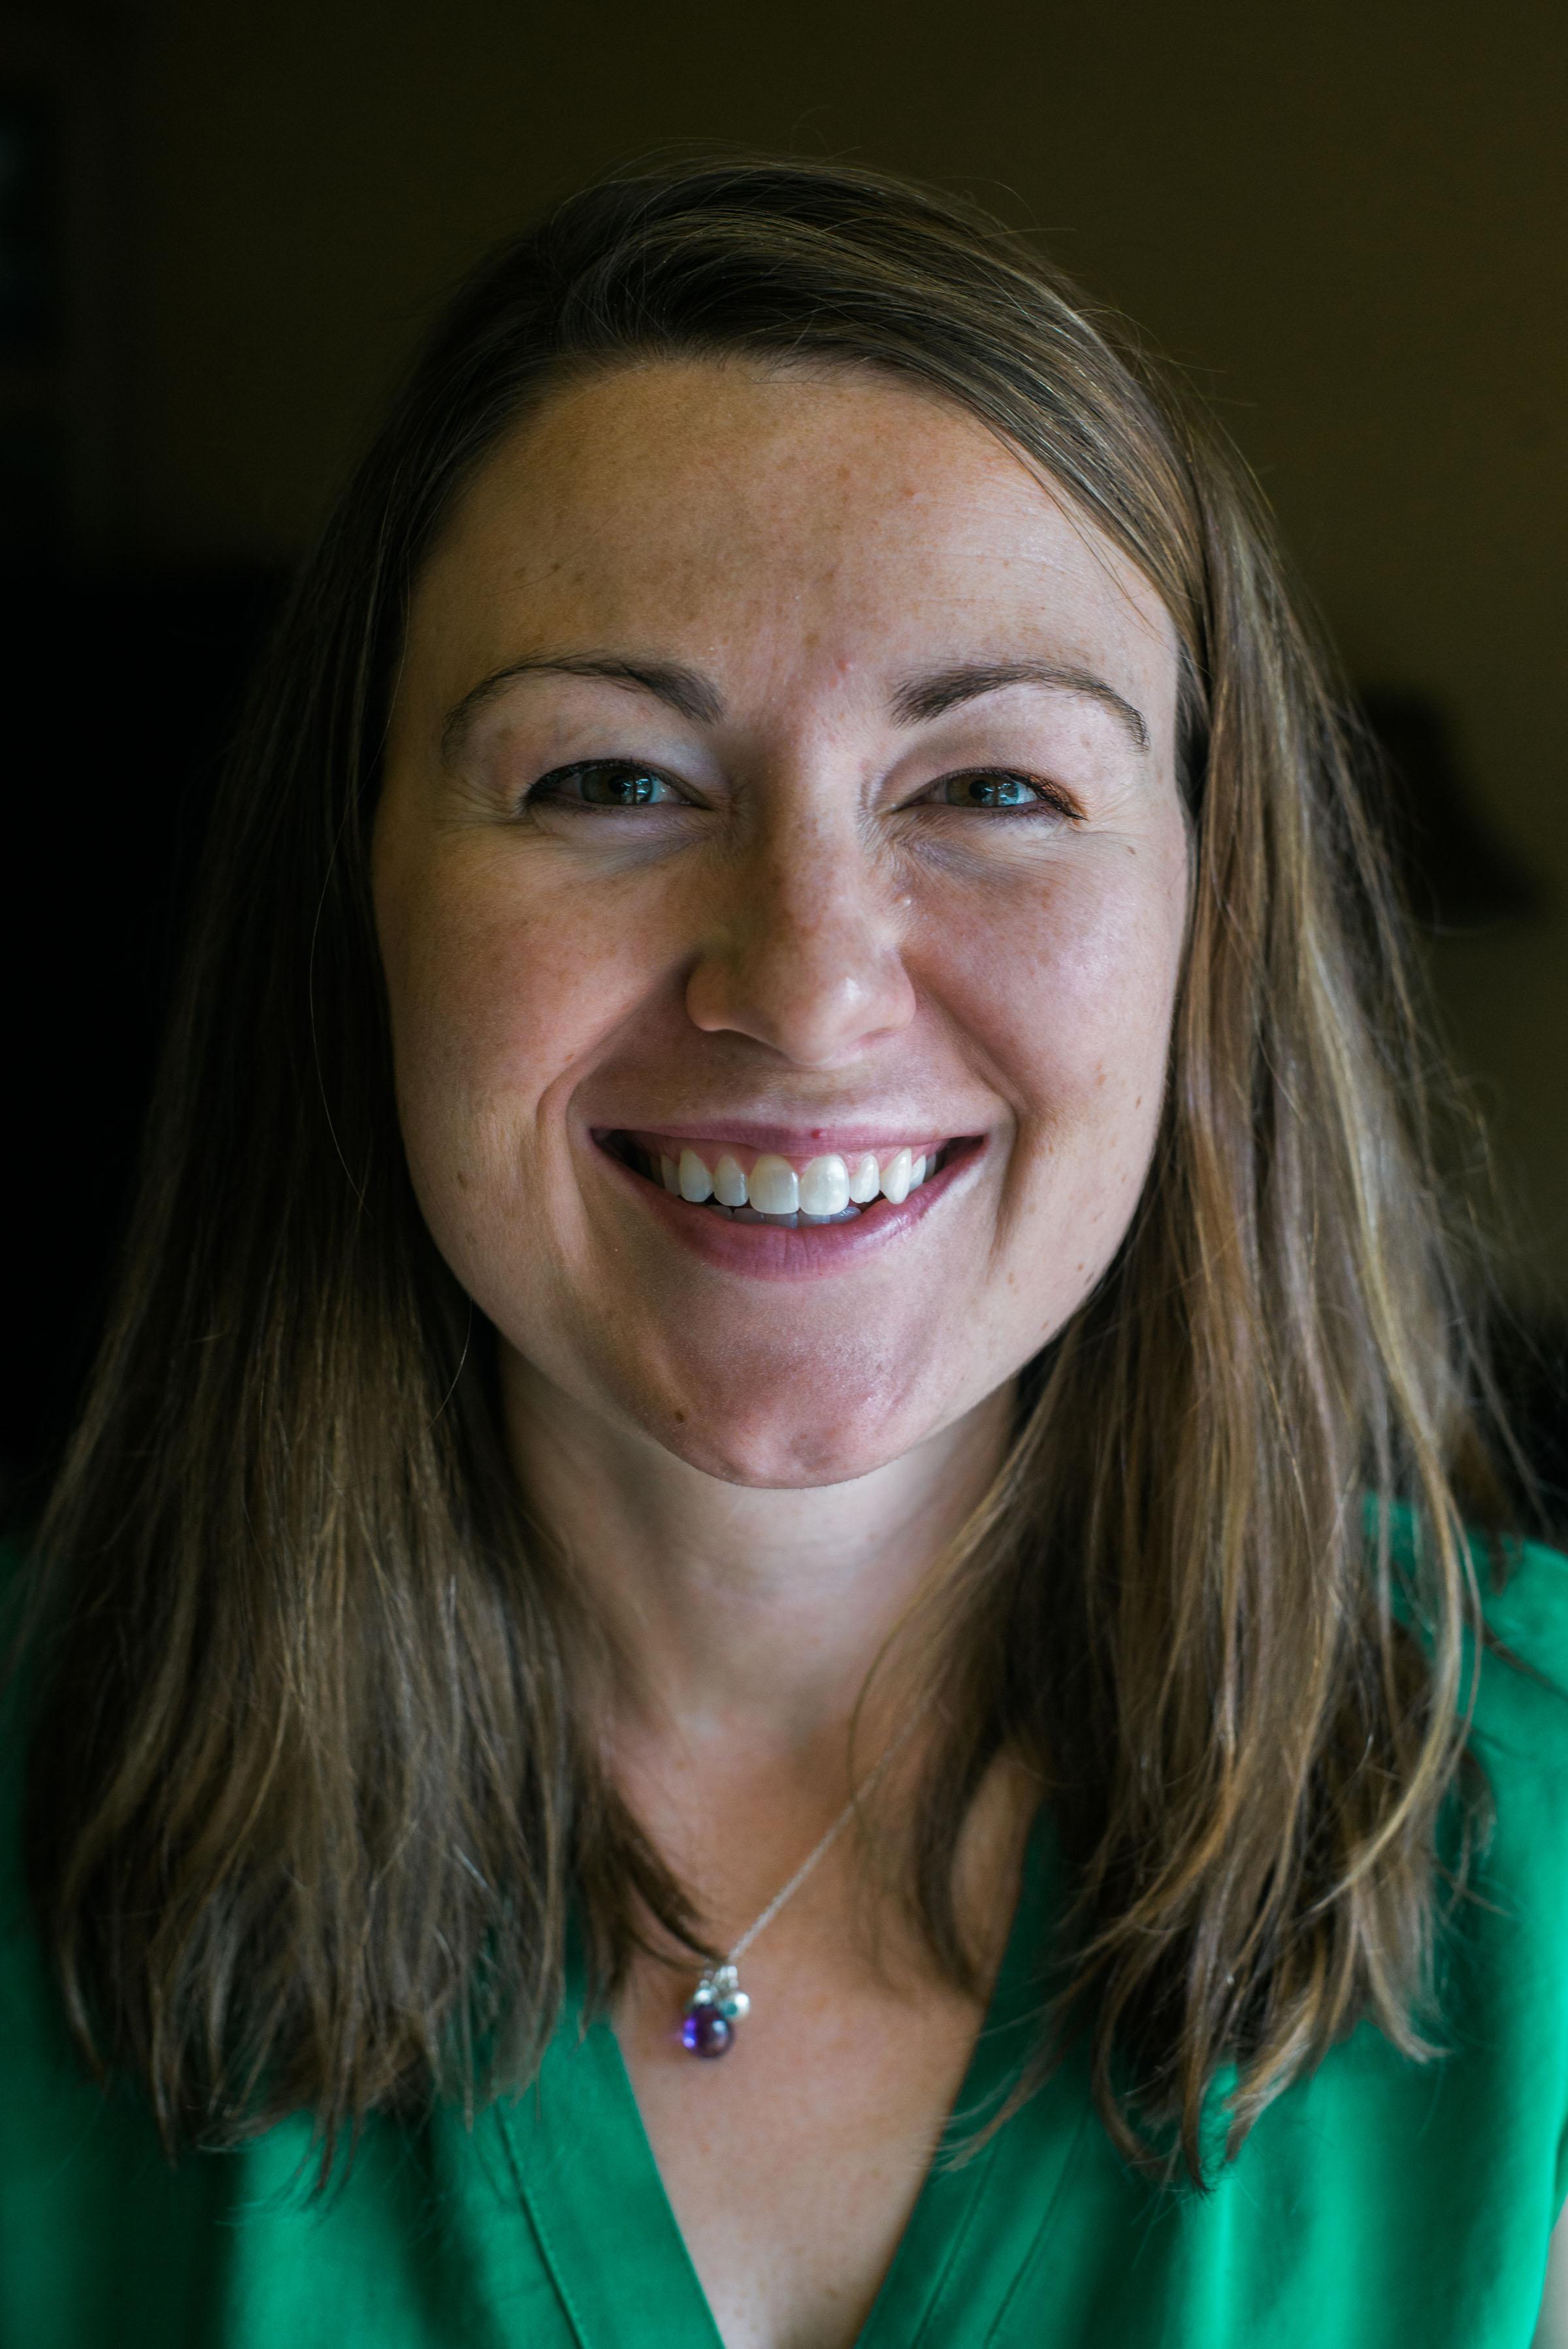 Sarah Stasica